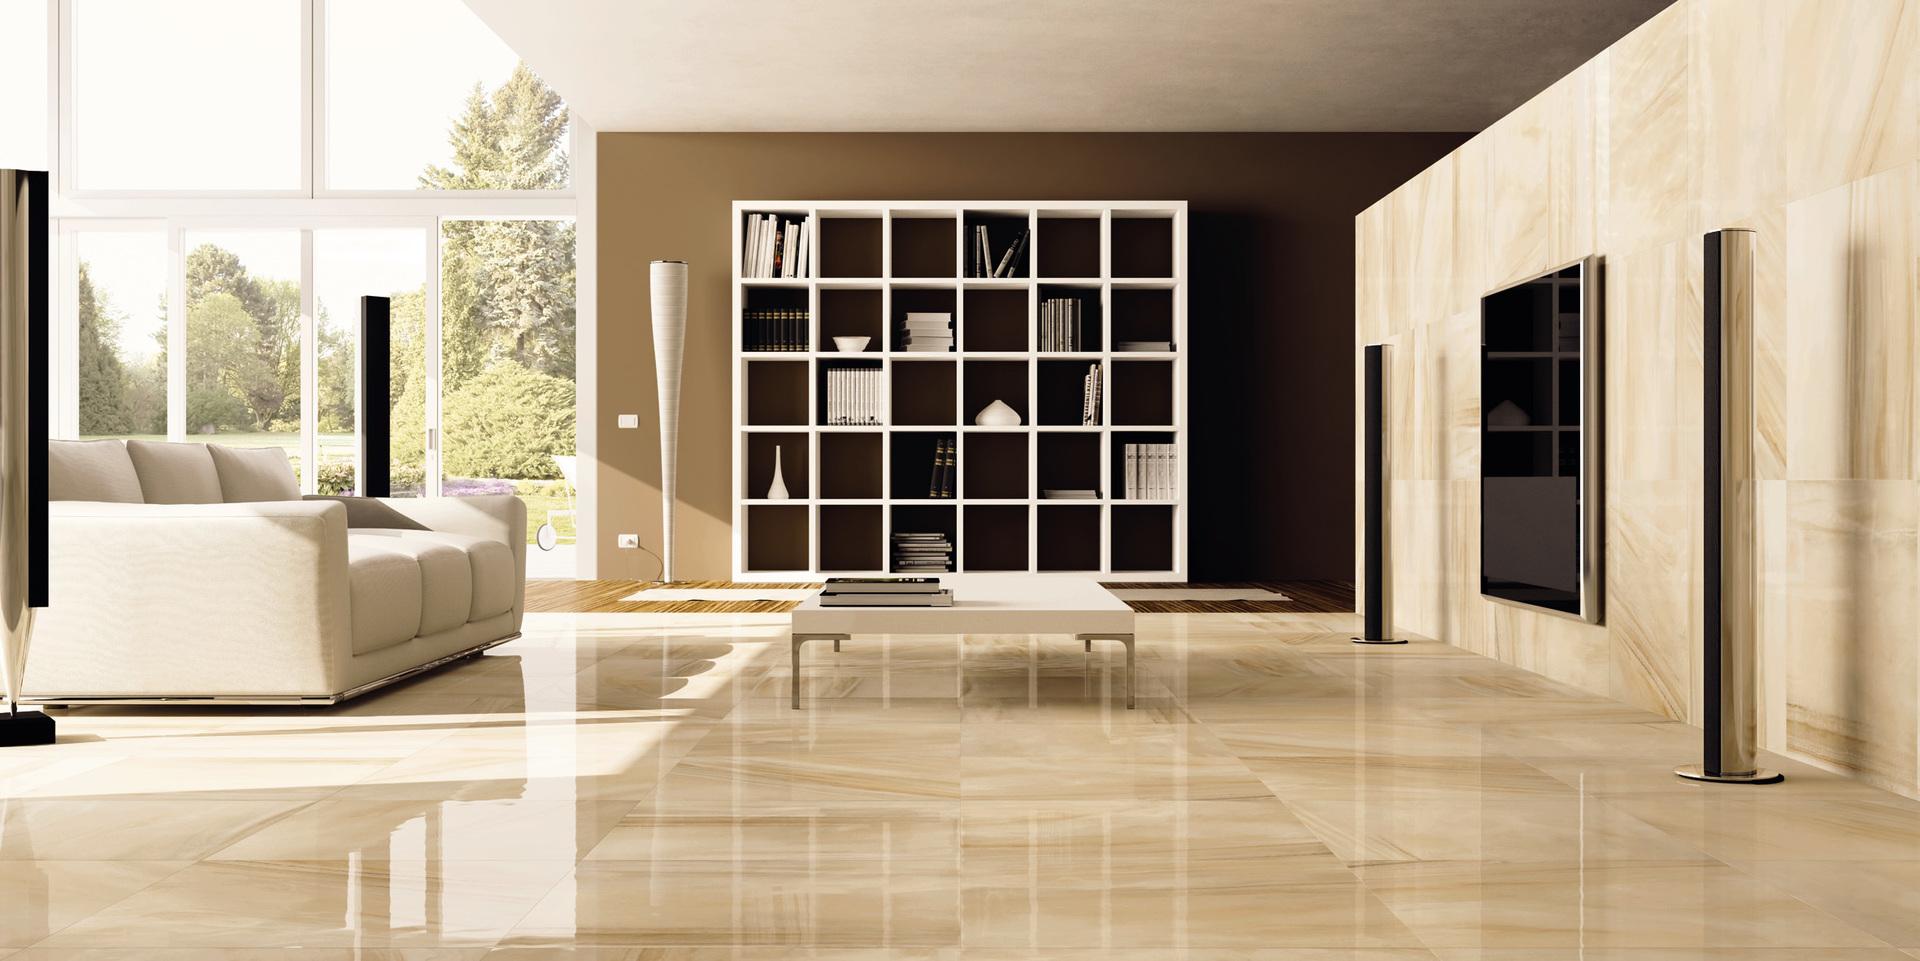 marmi reali de piemme tile expert fournisseur de carrelage italien et espagnol italien photo. Black Bedroom Furniture Sets. Home Design Ideas